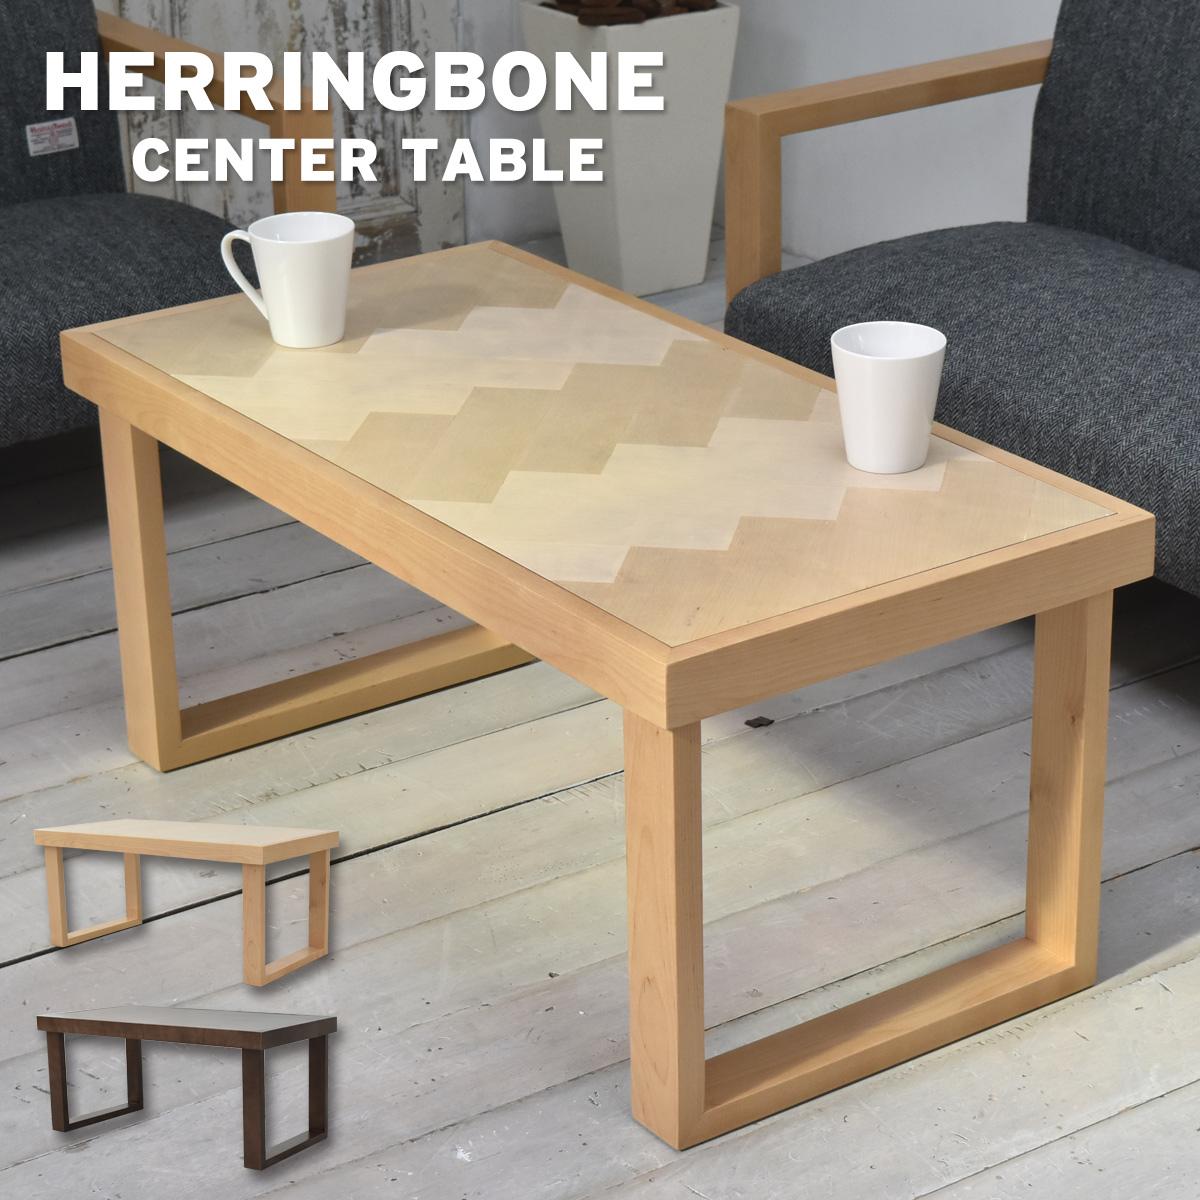 HERRINGBONE ヘリンボーン センターテーブル ローテーブル 90cm リビング おしゃれ かわいい 男前 北欧 シンプル カフェ モダン 木製 ナチュラル